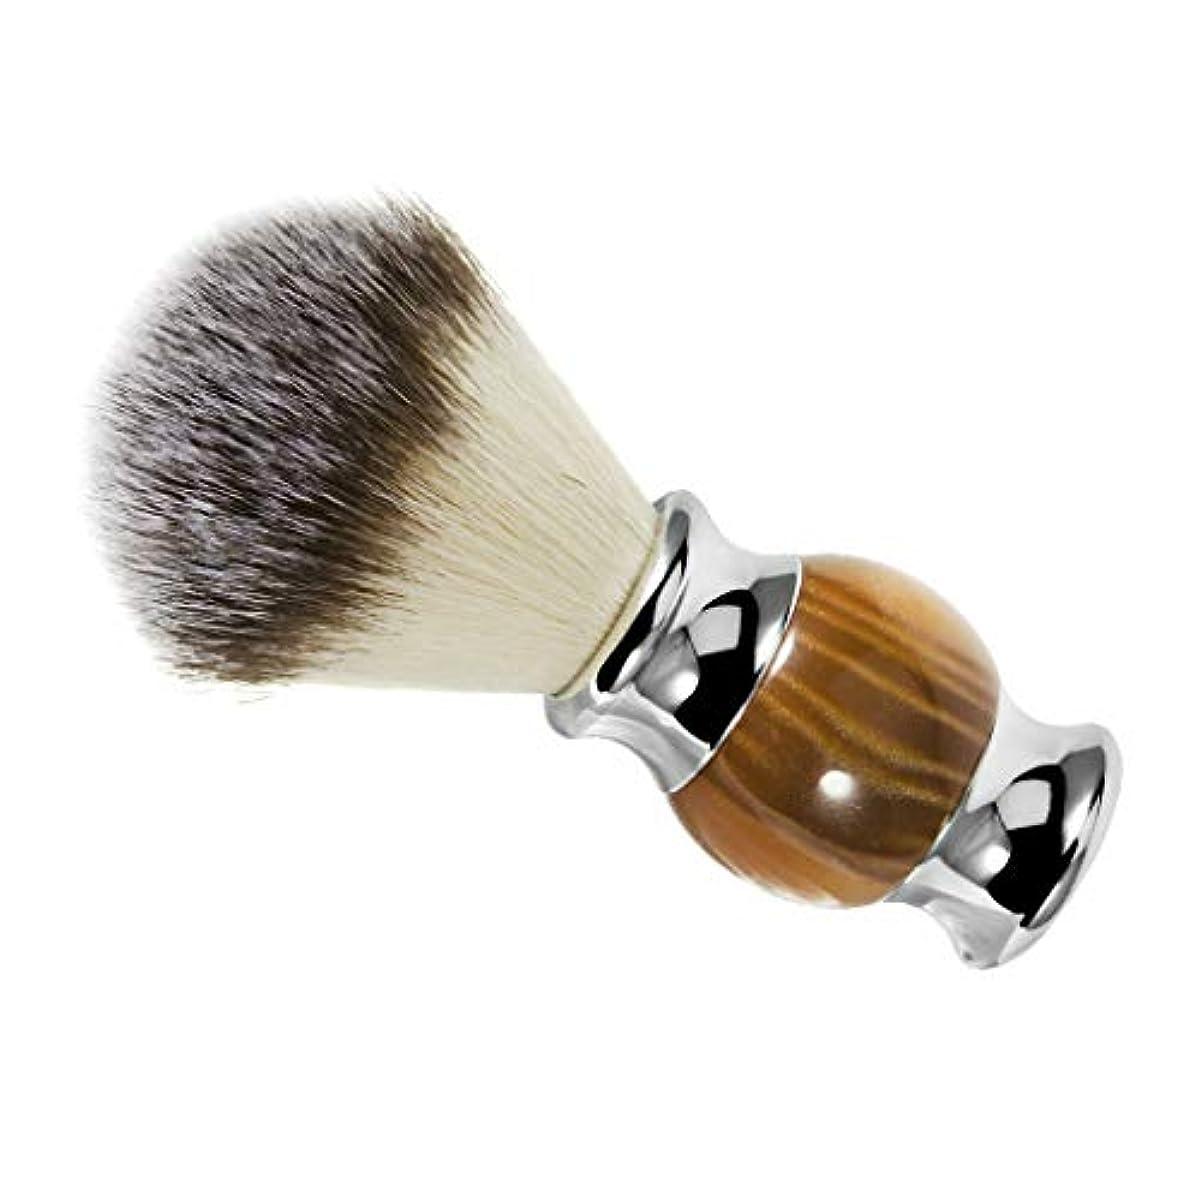 空中隠されたラテンシェービングブラシ ひげ剃りブラシ 口ひげブラシ 理髪サロン 髭剃り ひげ剃り 泡立ち